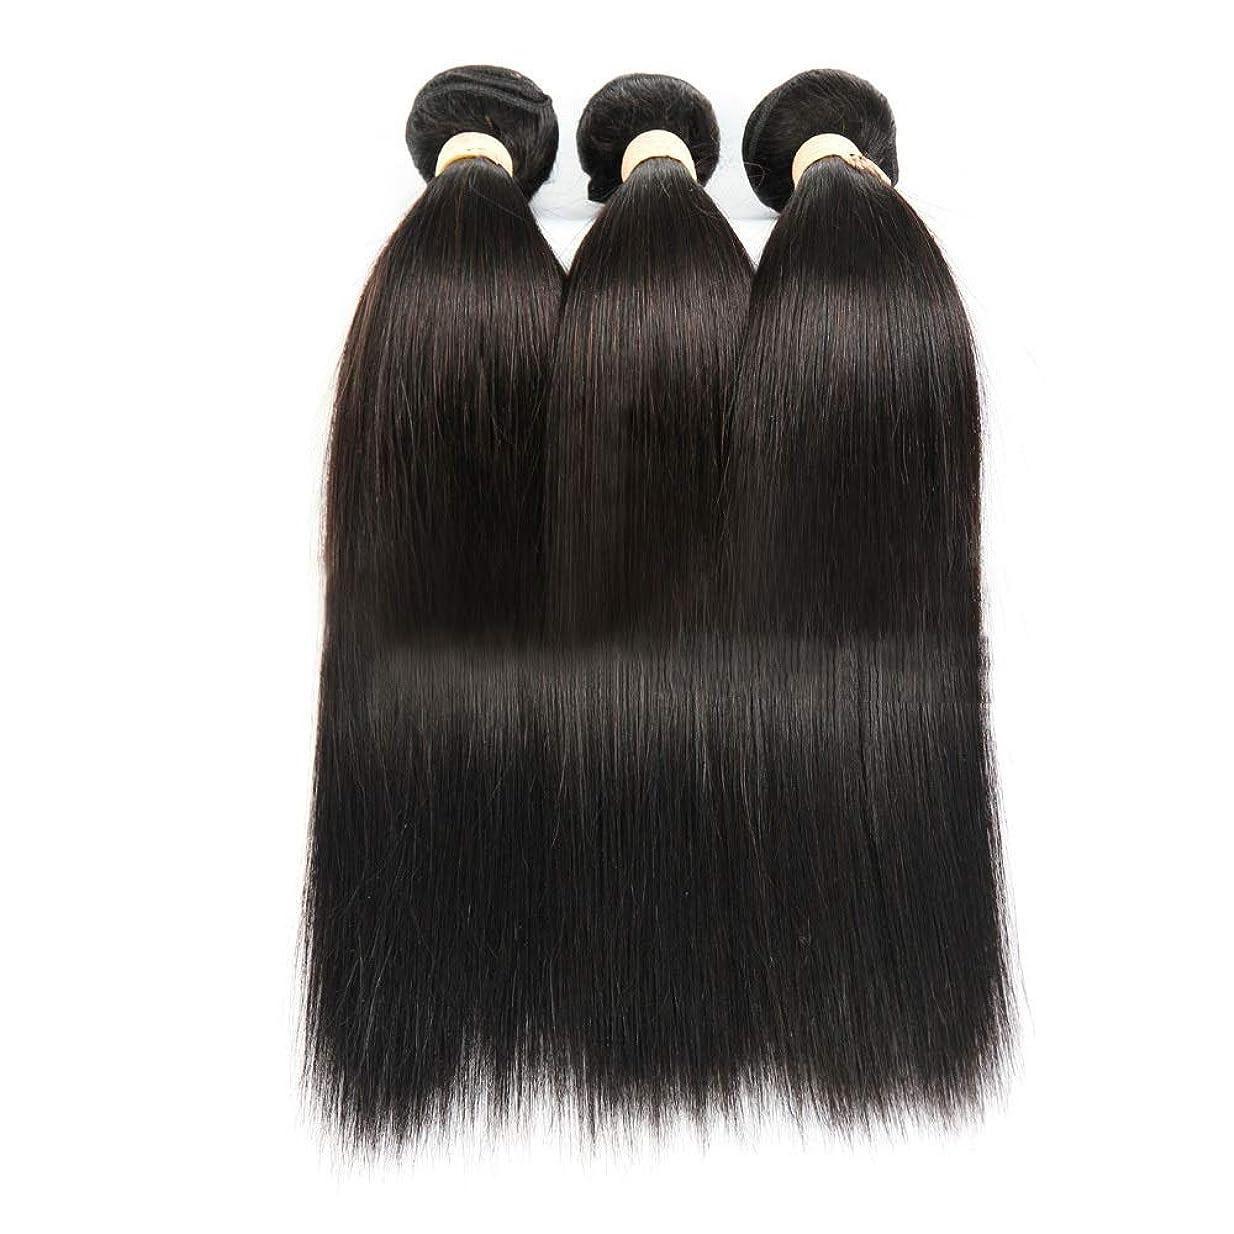 コークスロマンス見落とすHOHYLLYA ナチュラルブラック人間の髪織りバンドルリアルナチュラルヘアエクステンション横糸 - ストレート(1バンドル、8-28インチ)女性用合成かつらレースかつらロールプレイングウィッグ (色 : 黒, サイズ : 22 inch)